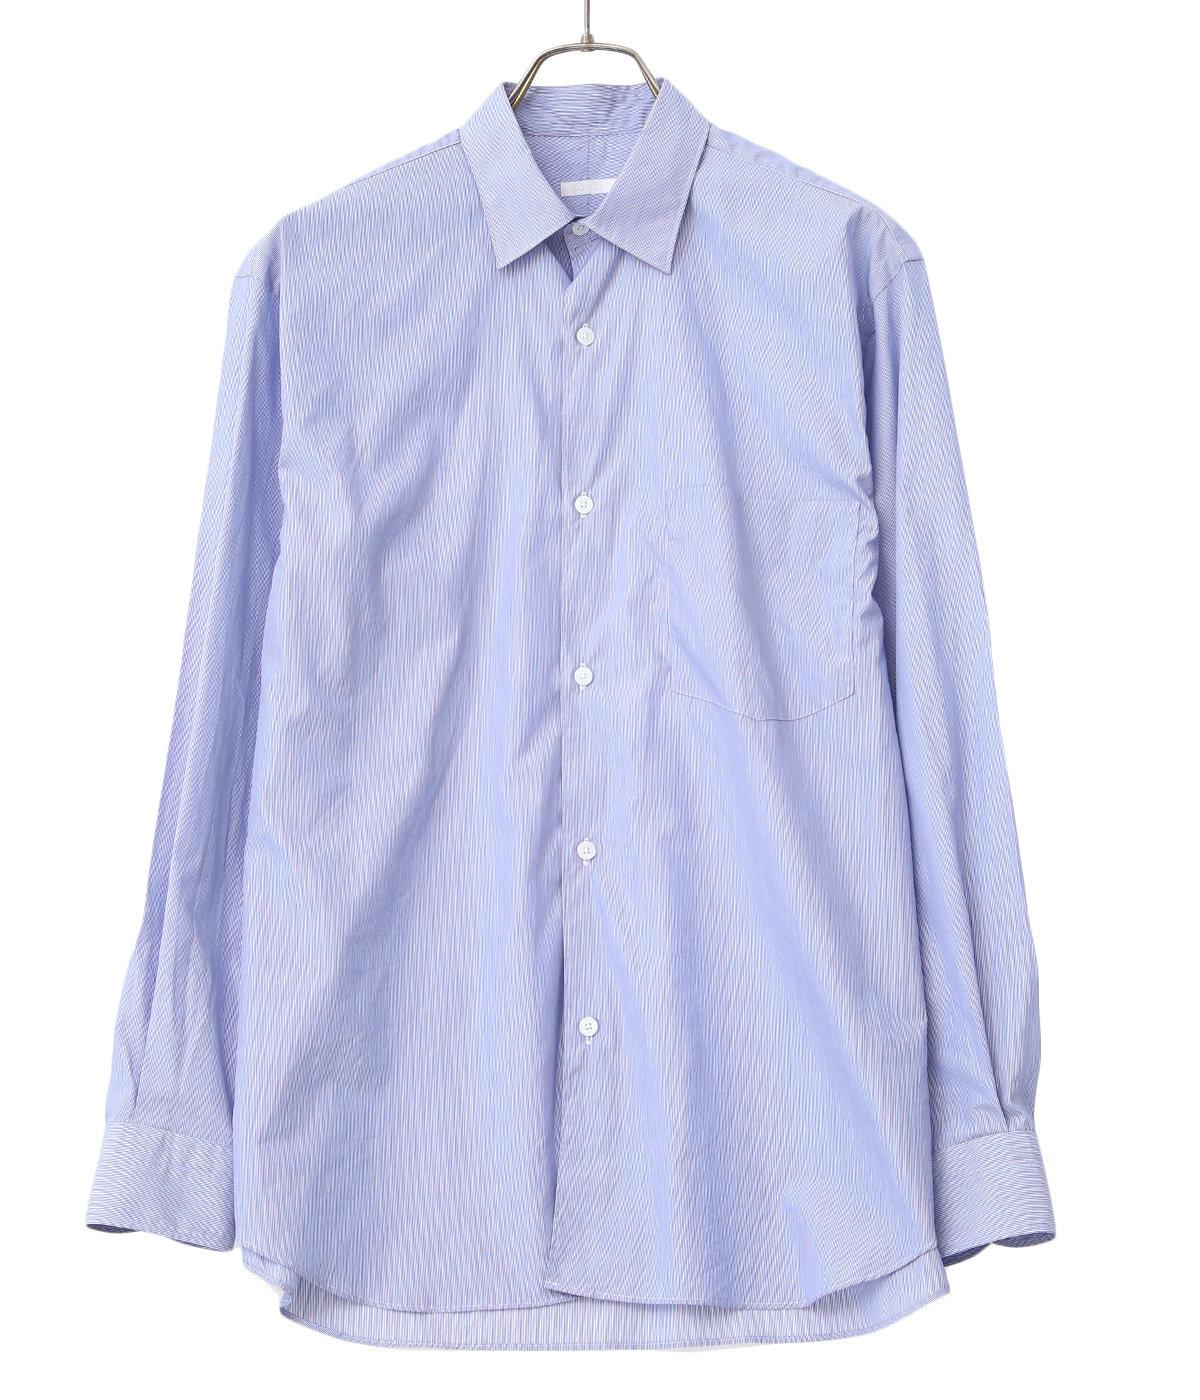 【レディース】ポプリンシャツ